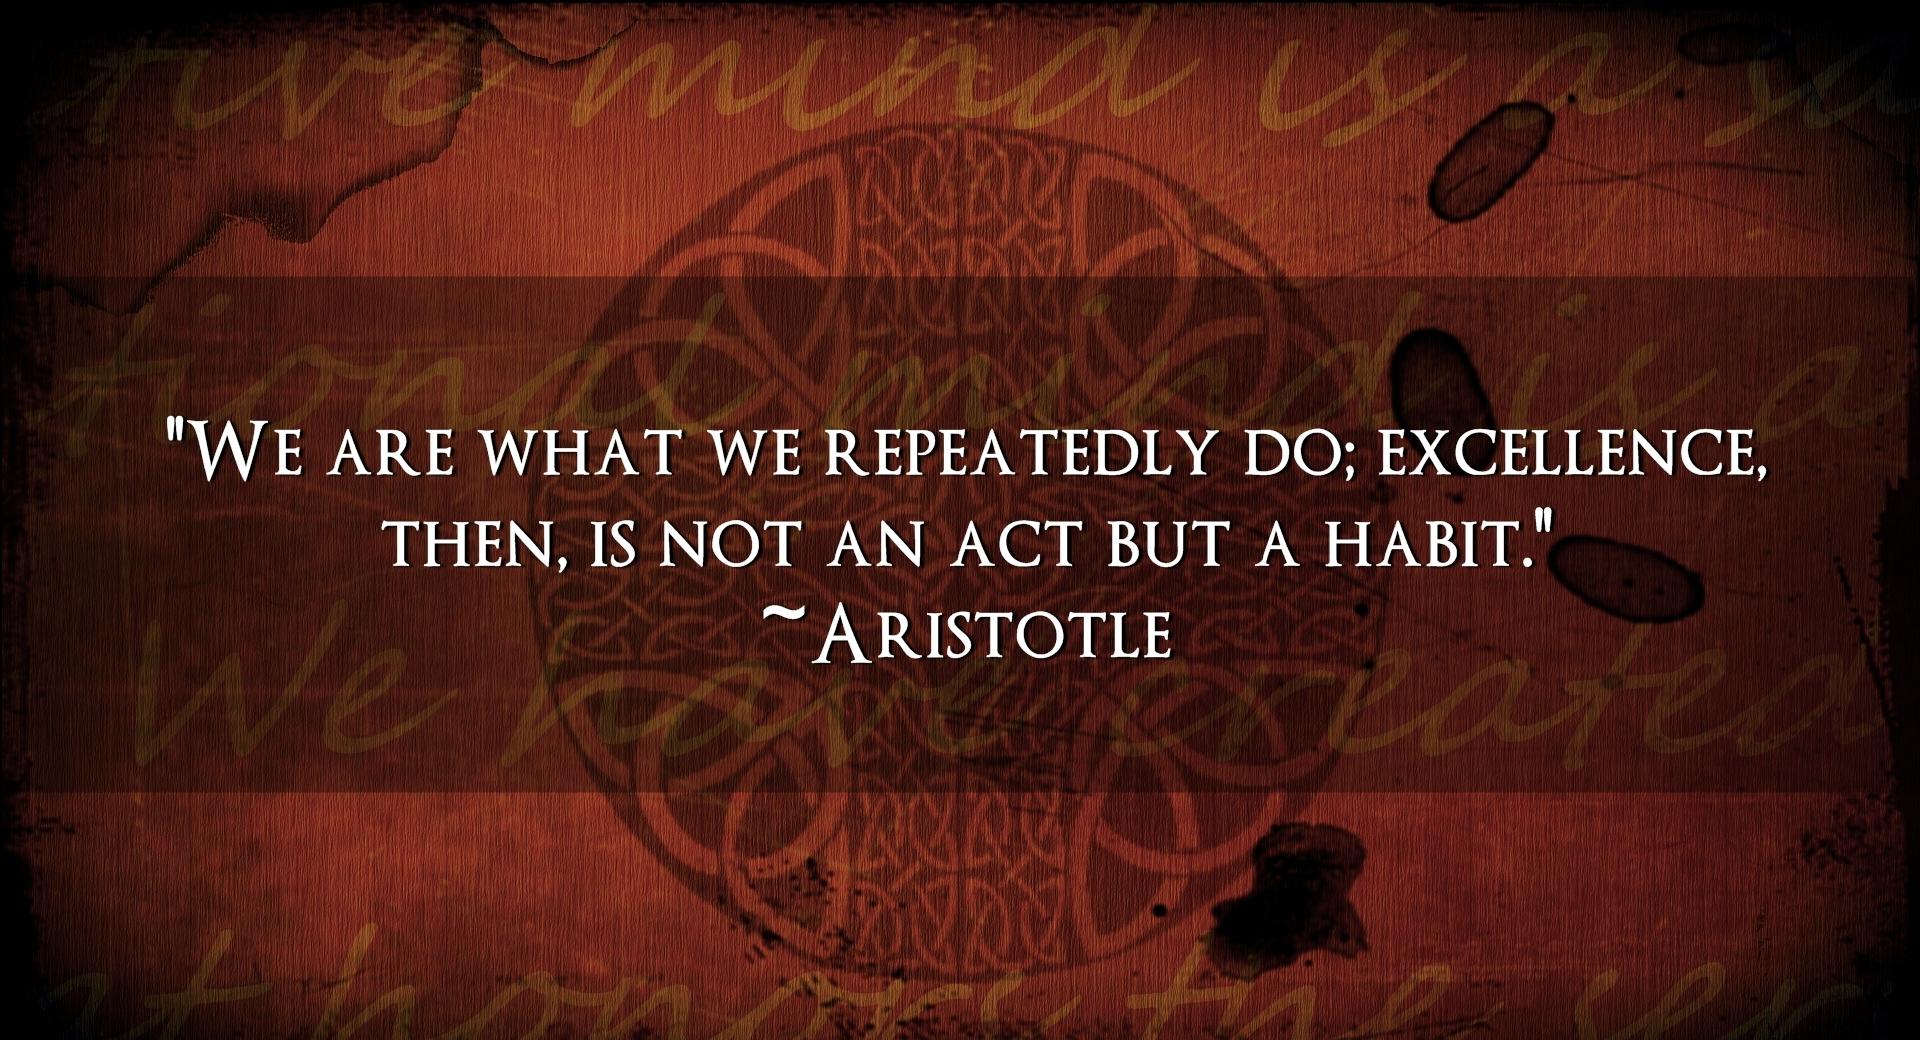 Wisdom Quotes Aristotle Quotesgram: Aristotle Quotes On Success. QuotesGram